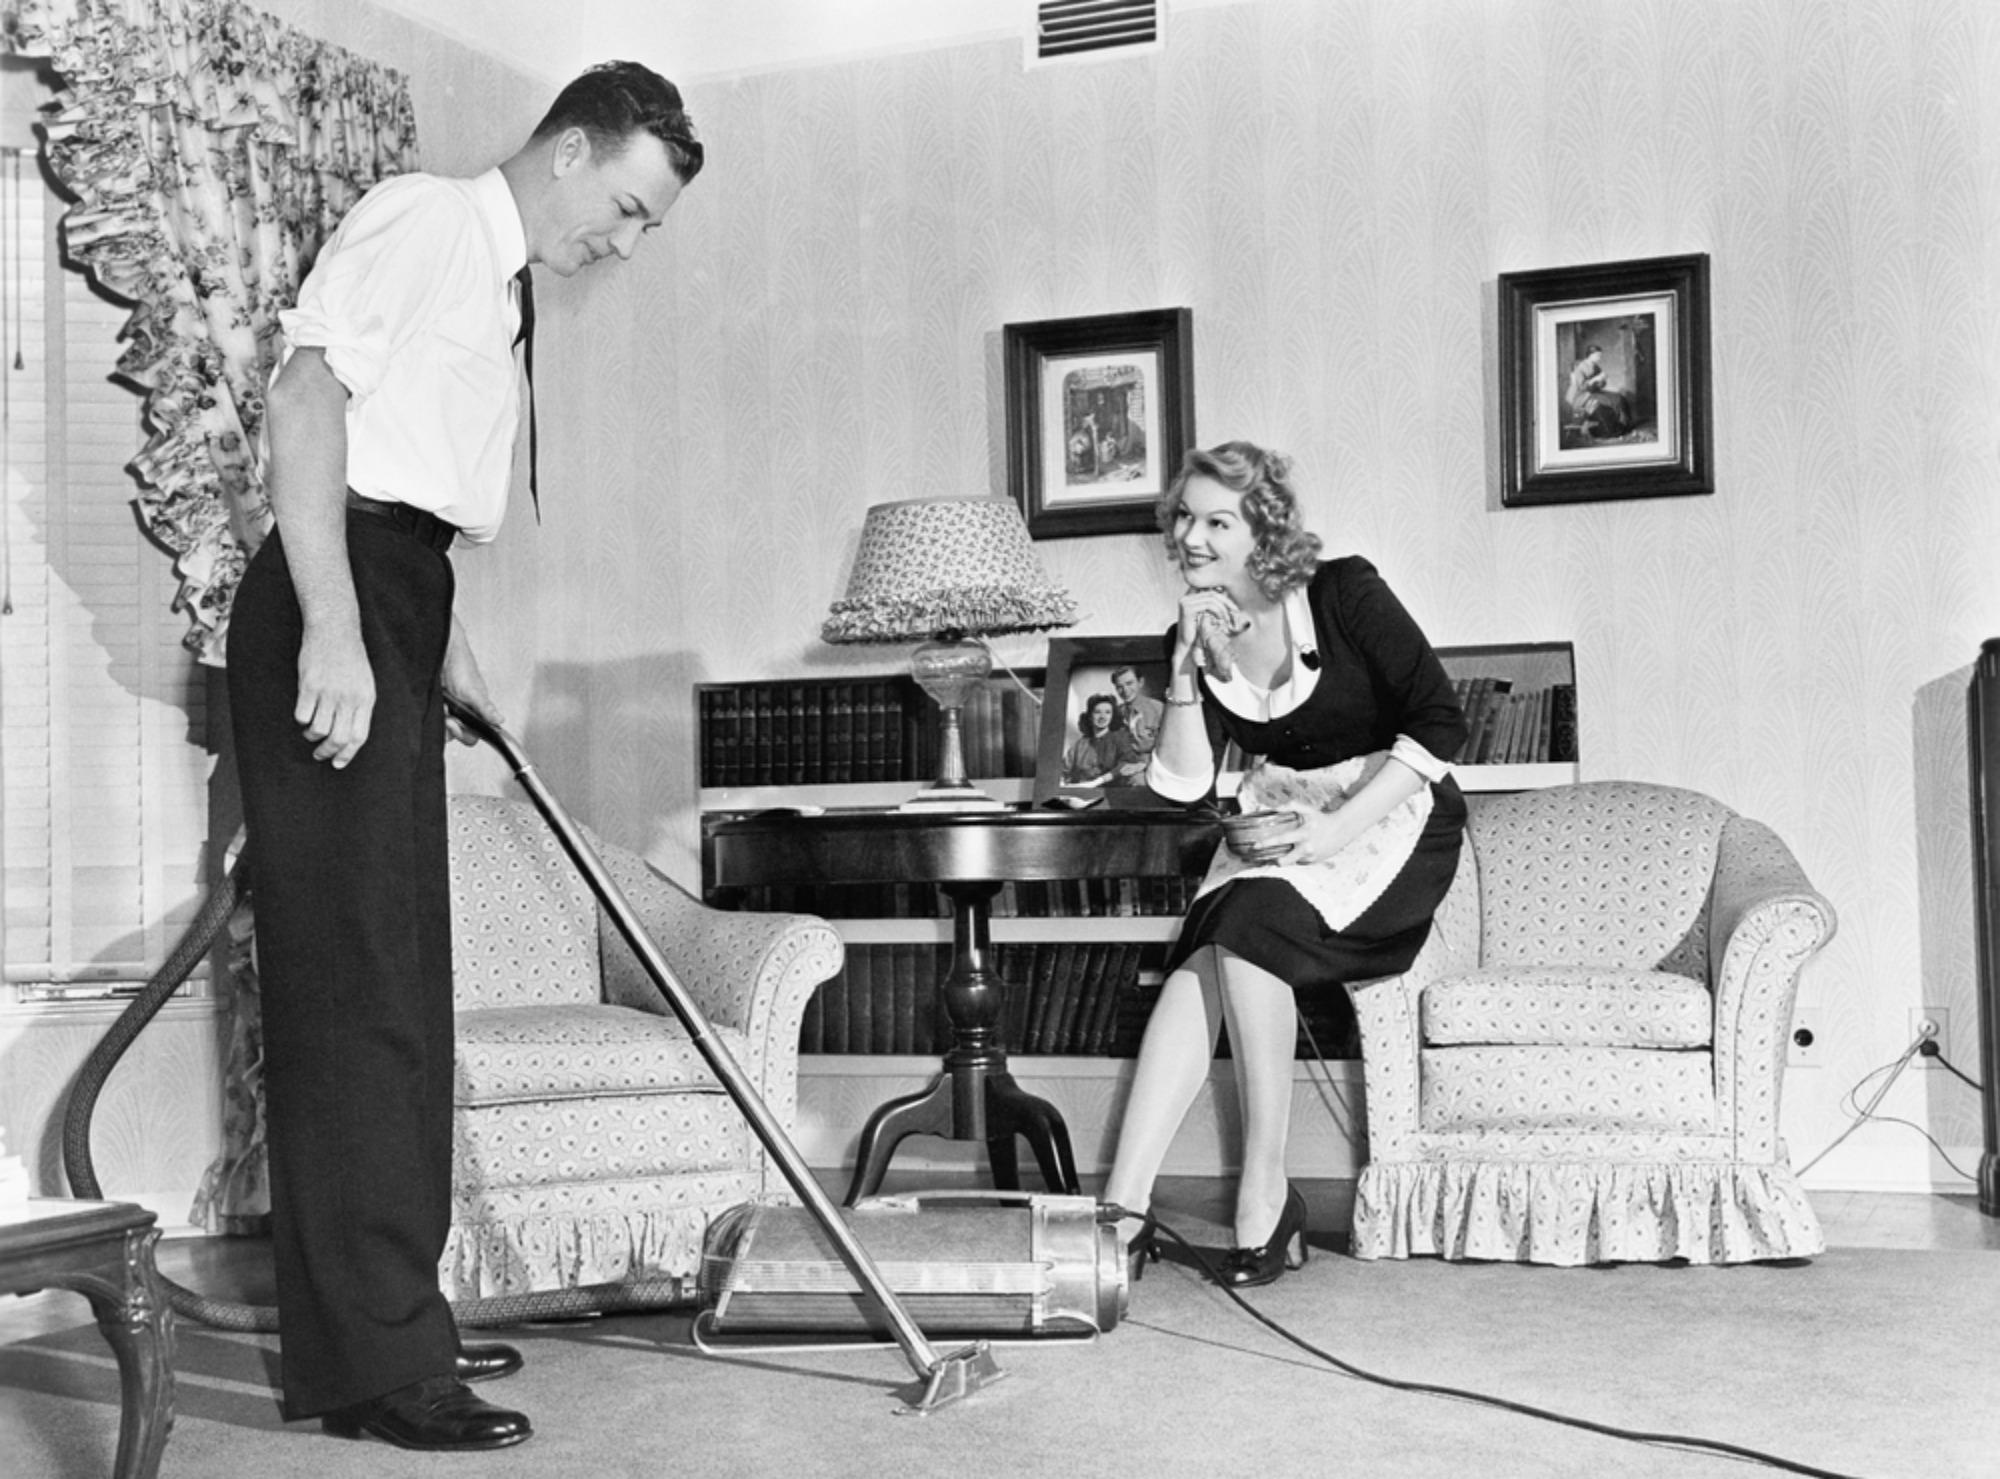 Όταν ανακαλύφθηκαν οι σκούπες, όλο και περισσότερος κόσμος άρχισε να βάζει χαλιά στο σπίτι του.